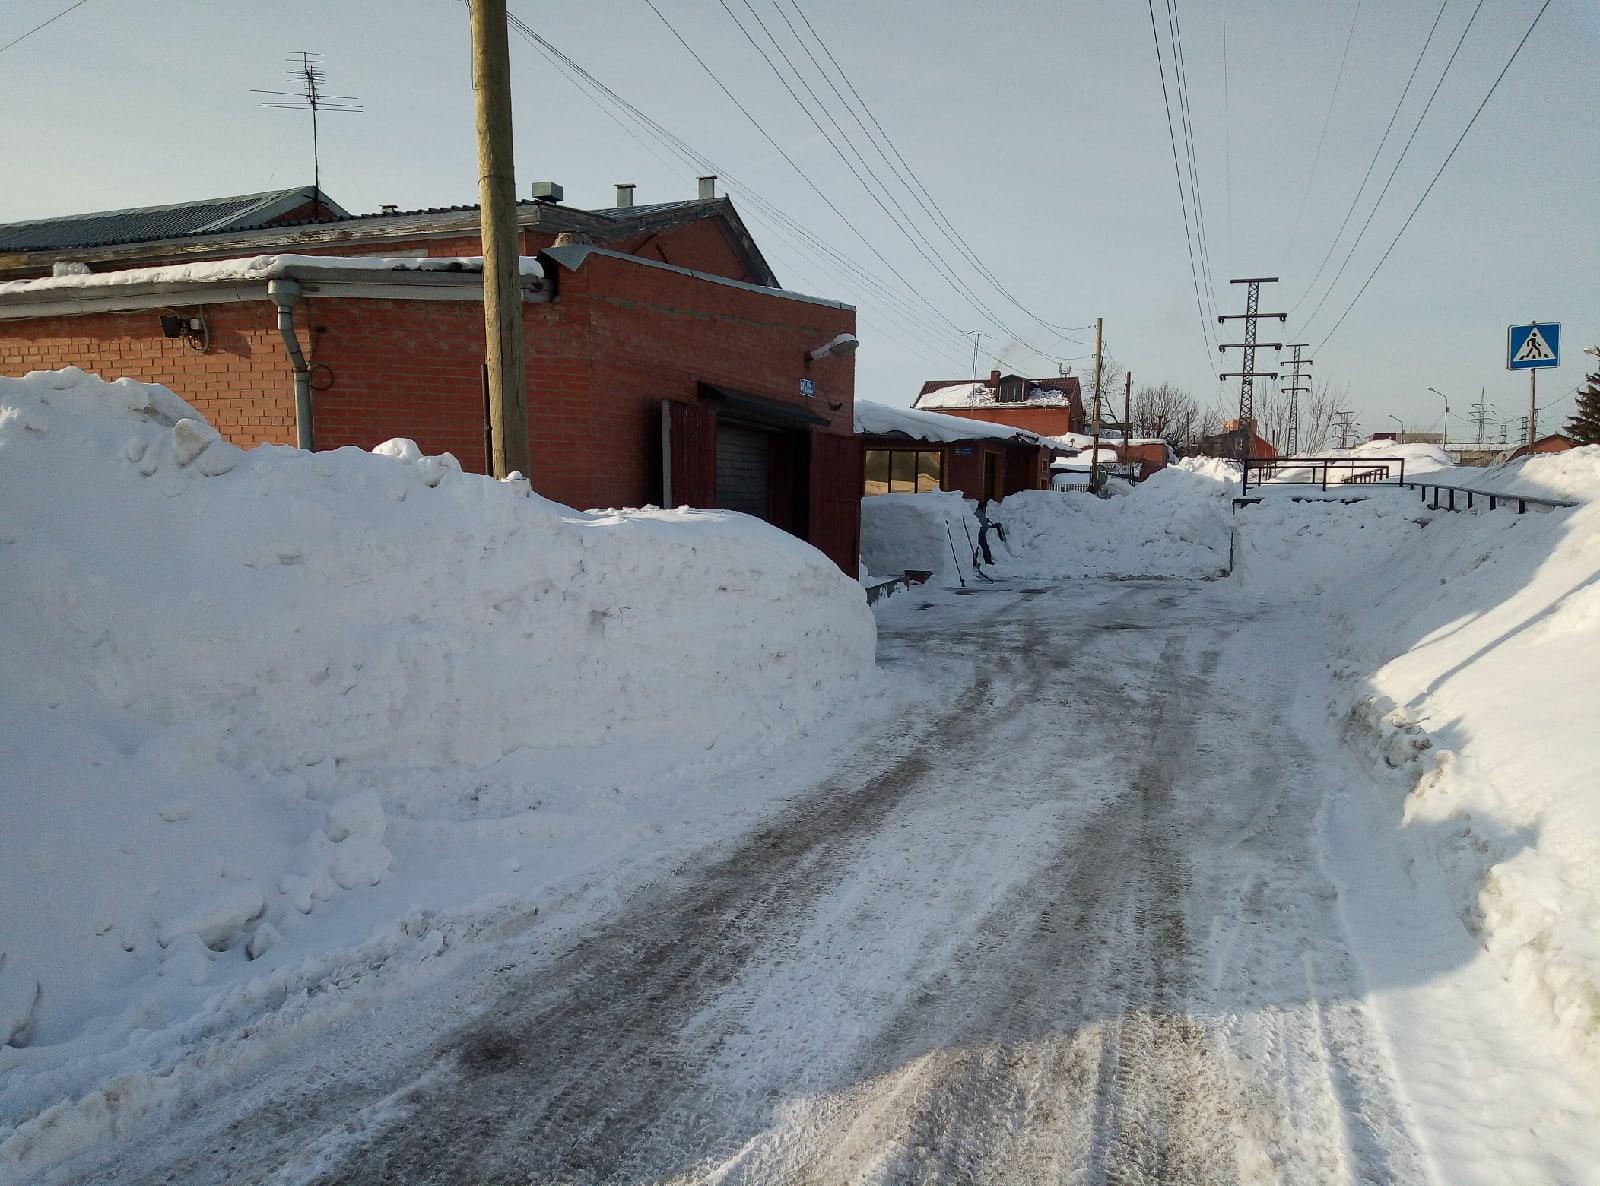 фото Дом на миллион: разбираем в деталях, почему в мэрии Новосибирска проходят обыски 3